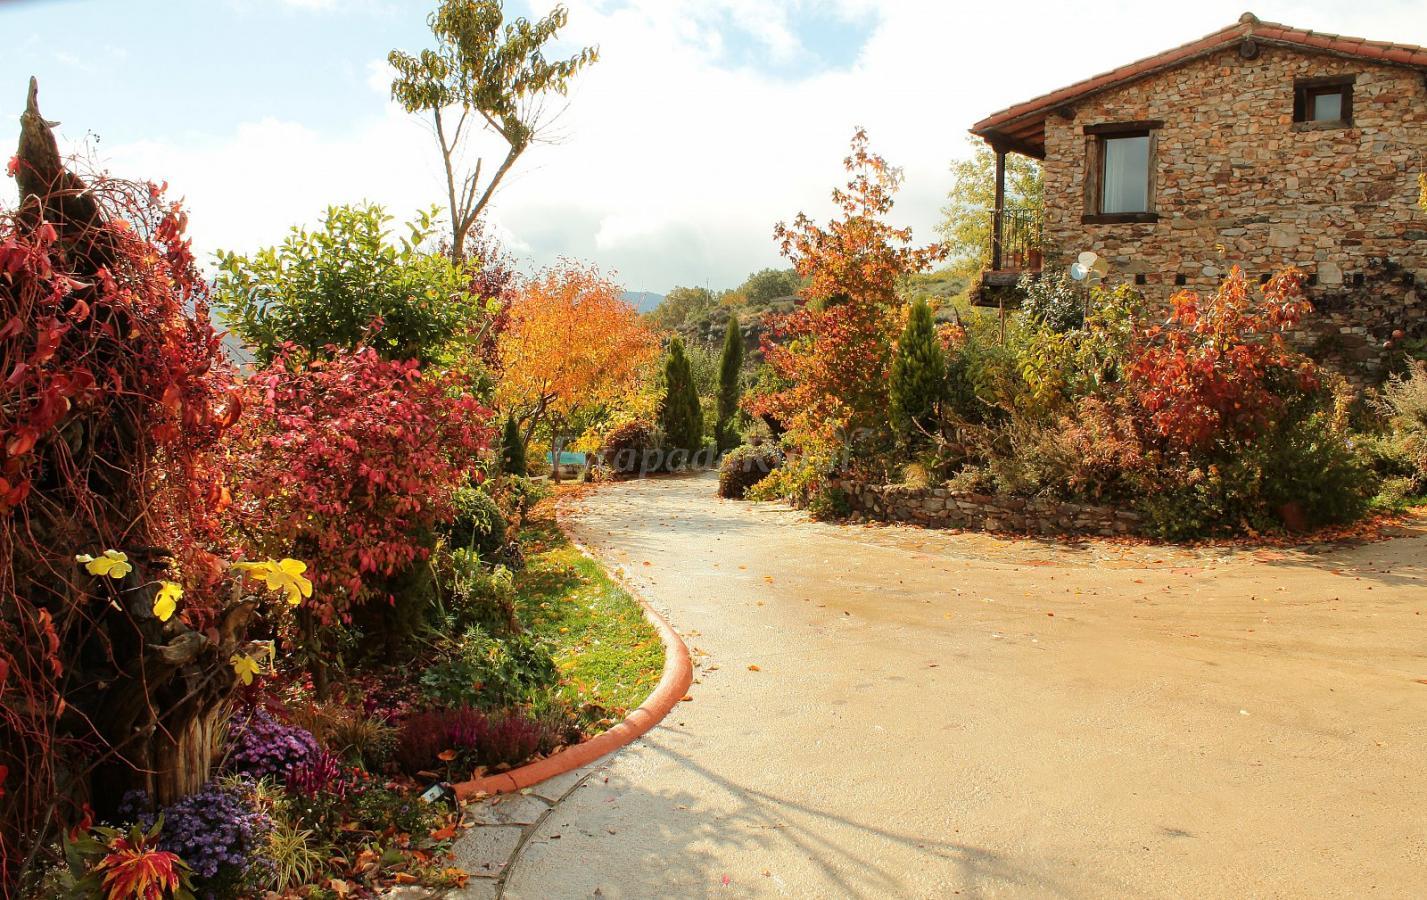 Fotos de jardines del robledo casa rural en san miguel del robledo salamanca - Jardines del robledo ...